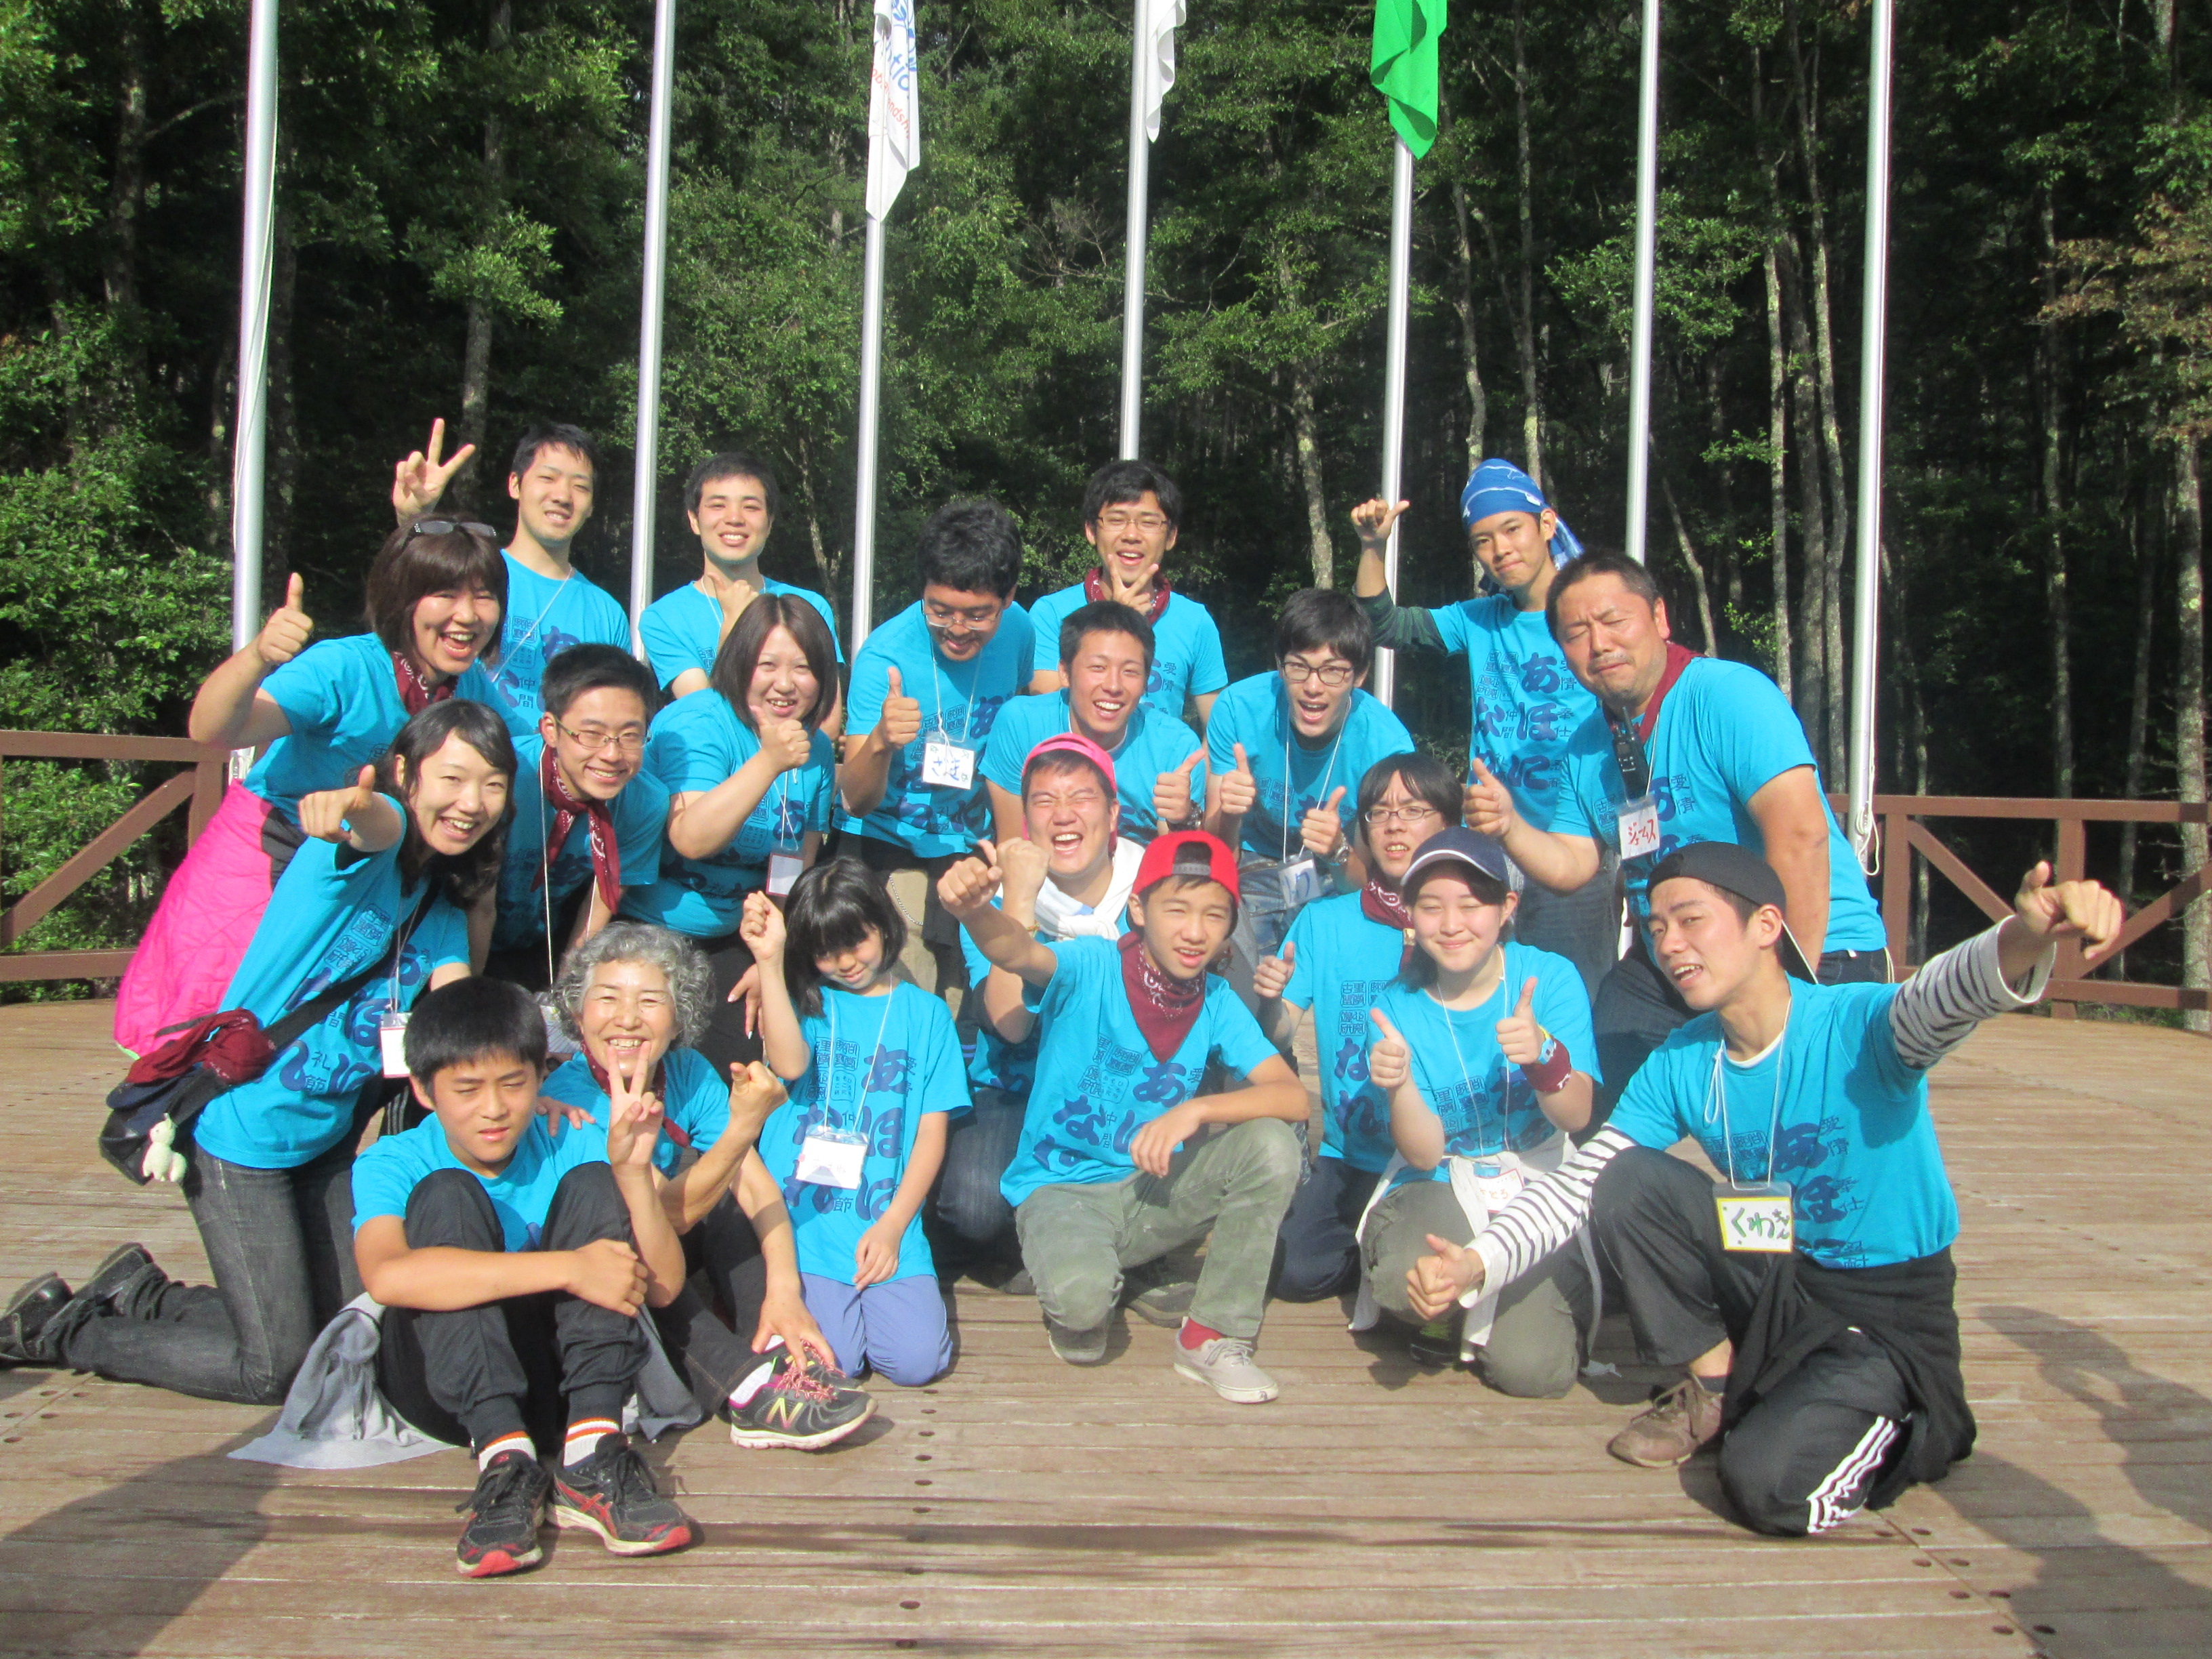 2015年 第8回 ふるさと留学 わんぱくキャンプ 感想